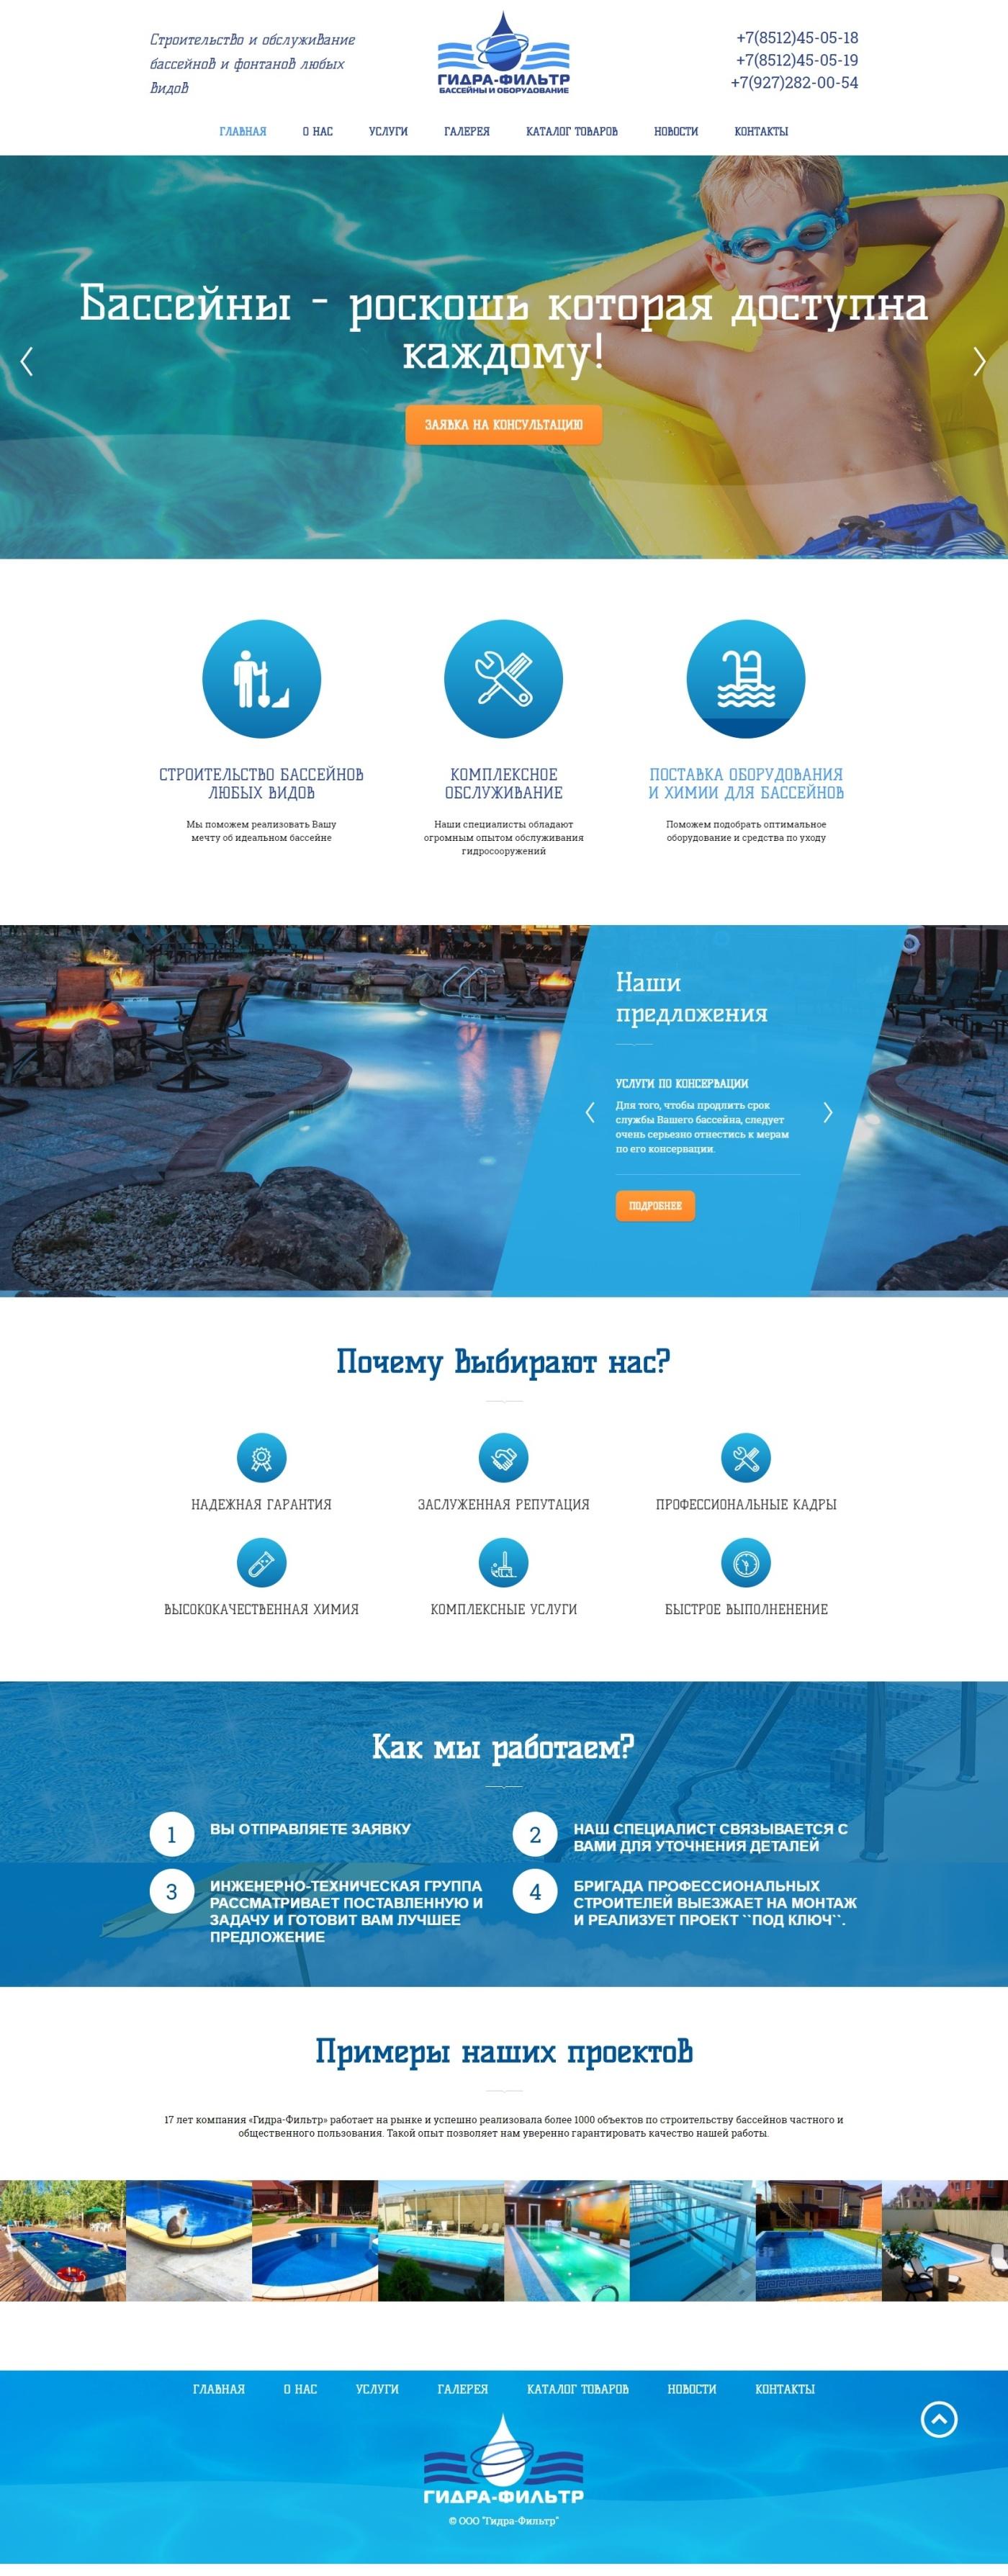 Главная страница сайта по обслуживанию бассейнов